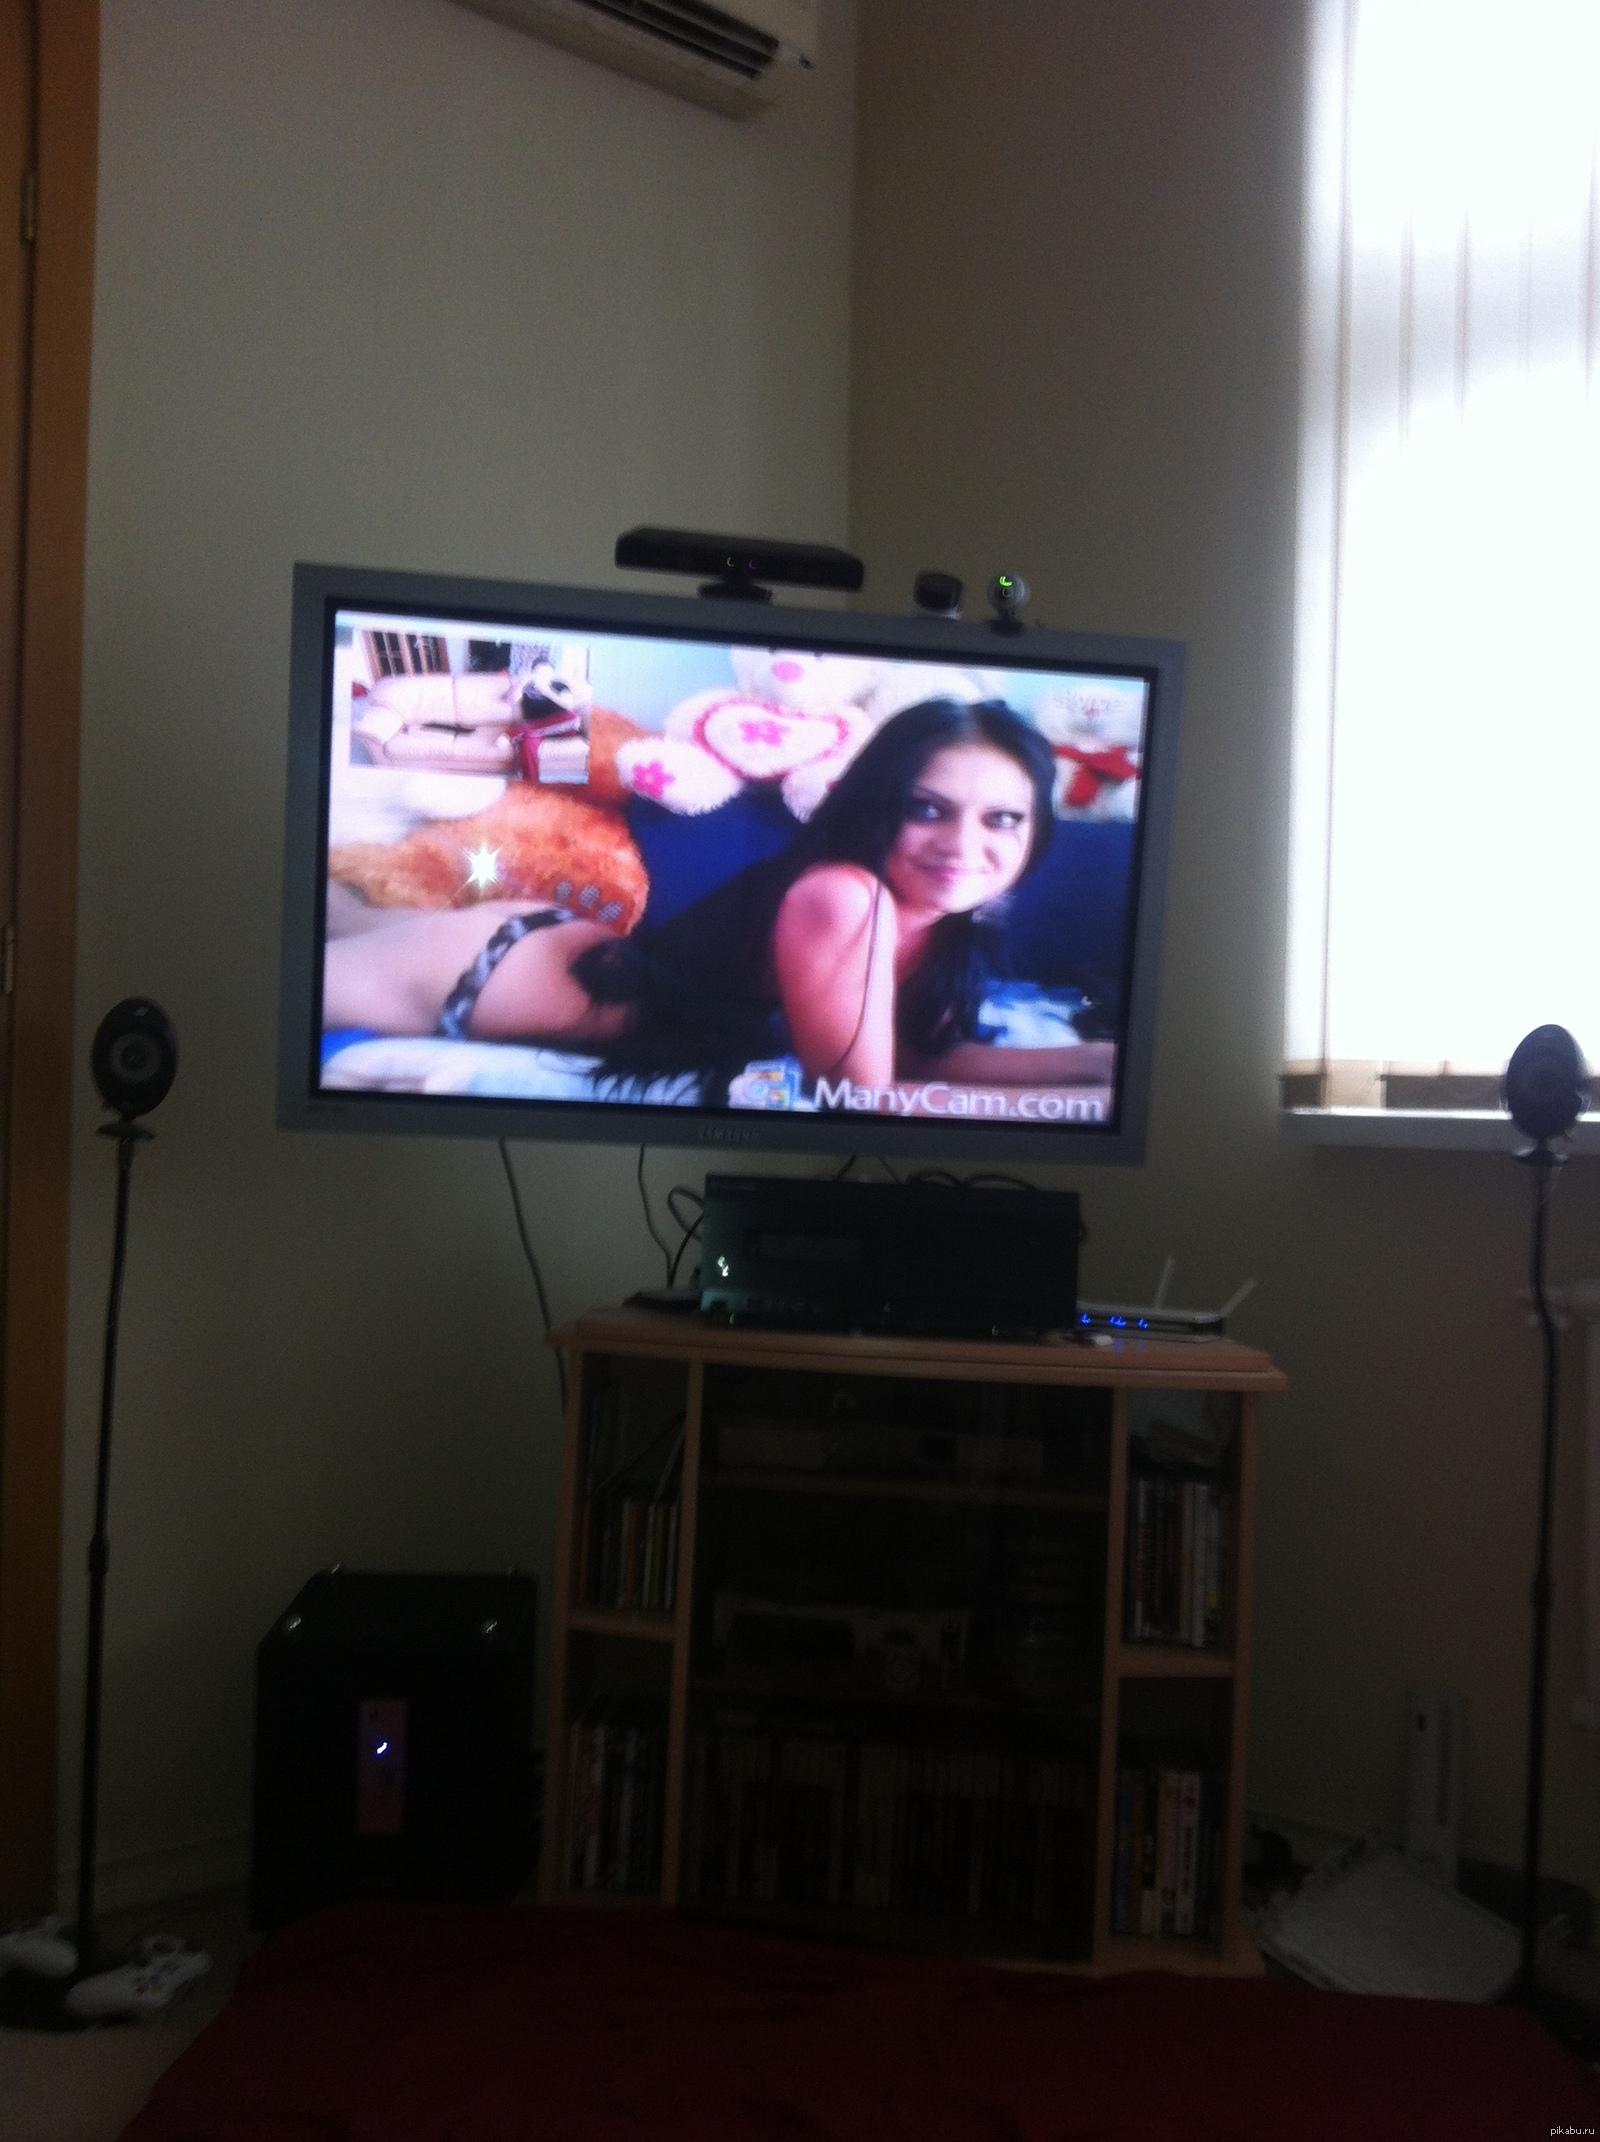 Откровенное общение с девушкой по скайпу 0 фотография